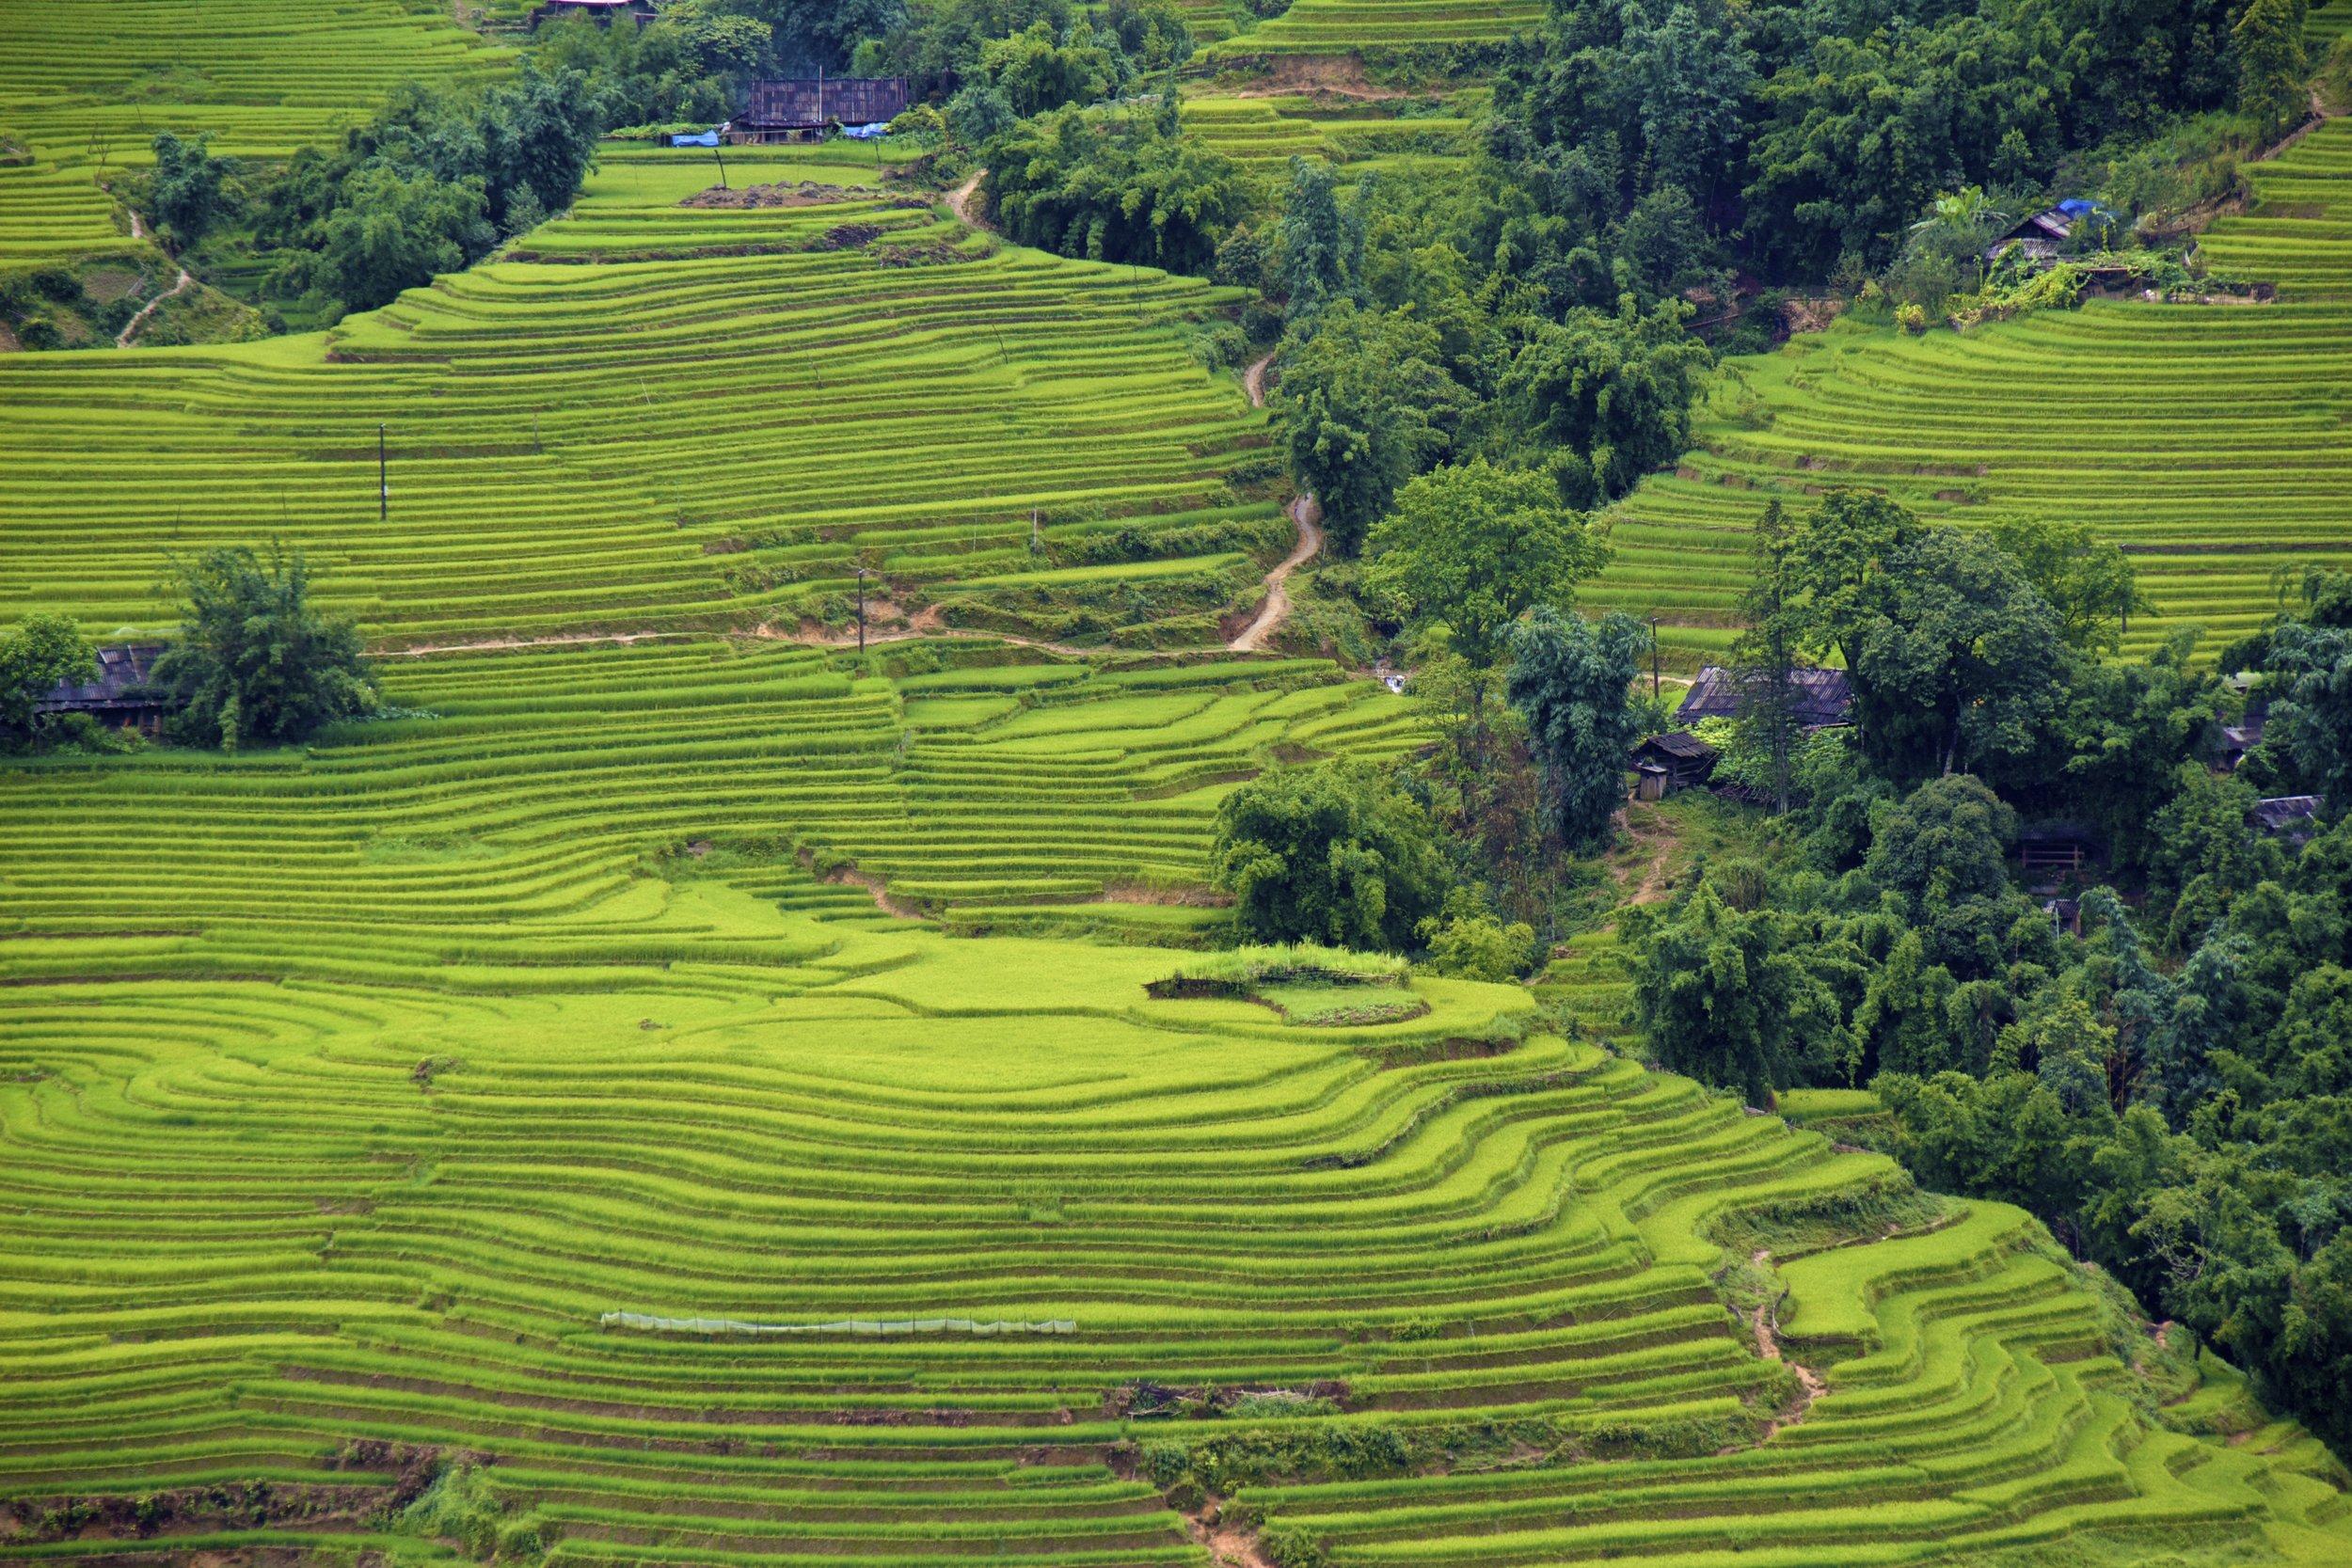 sa pa lao cai vietnam rice paddies 22.jpg